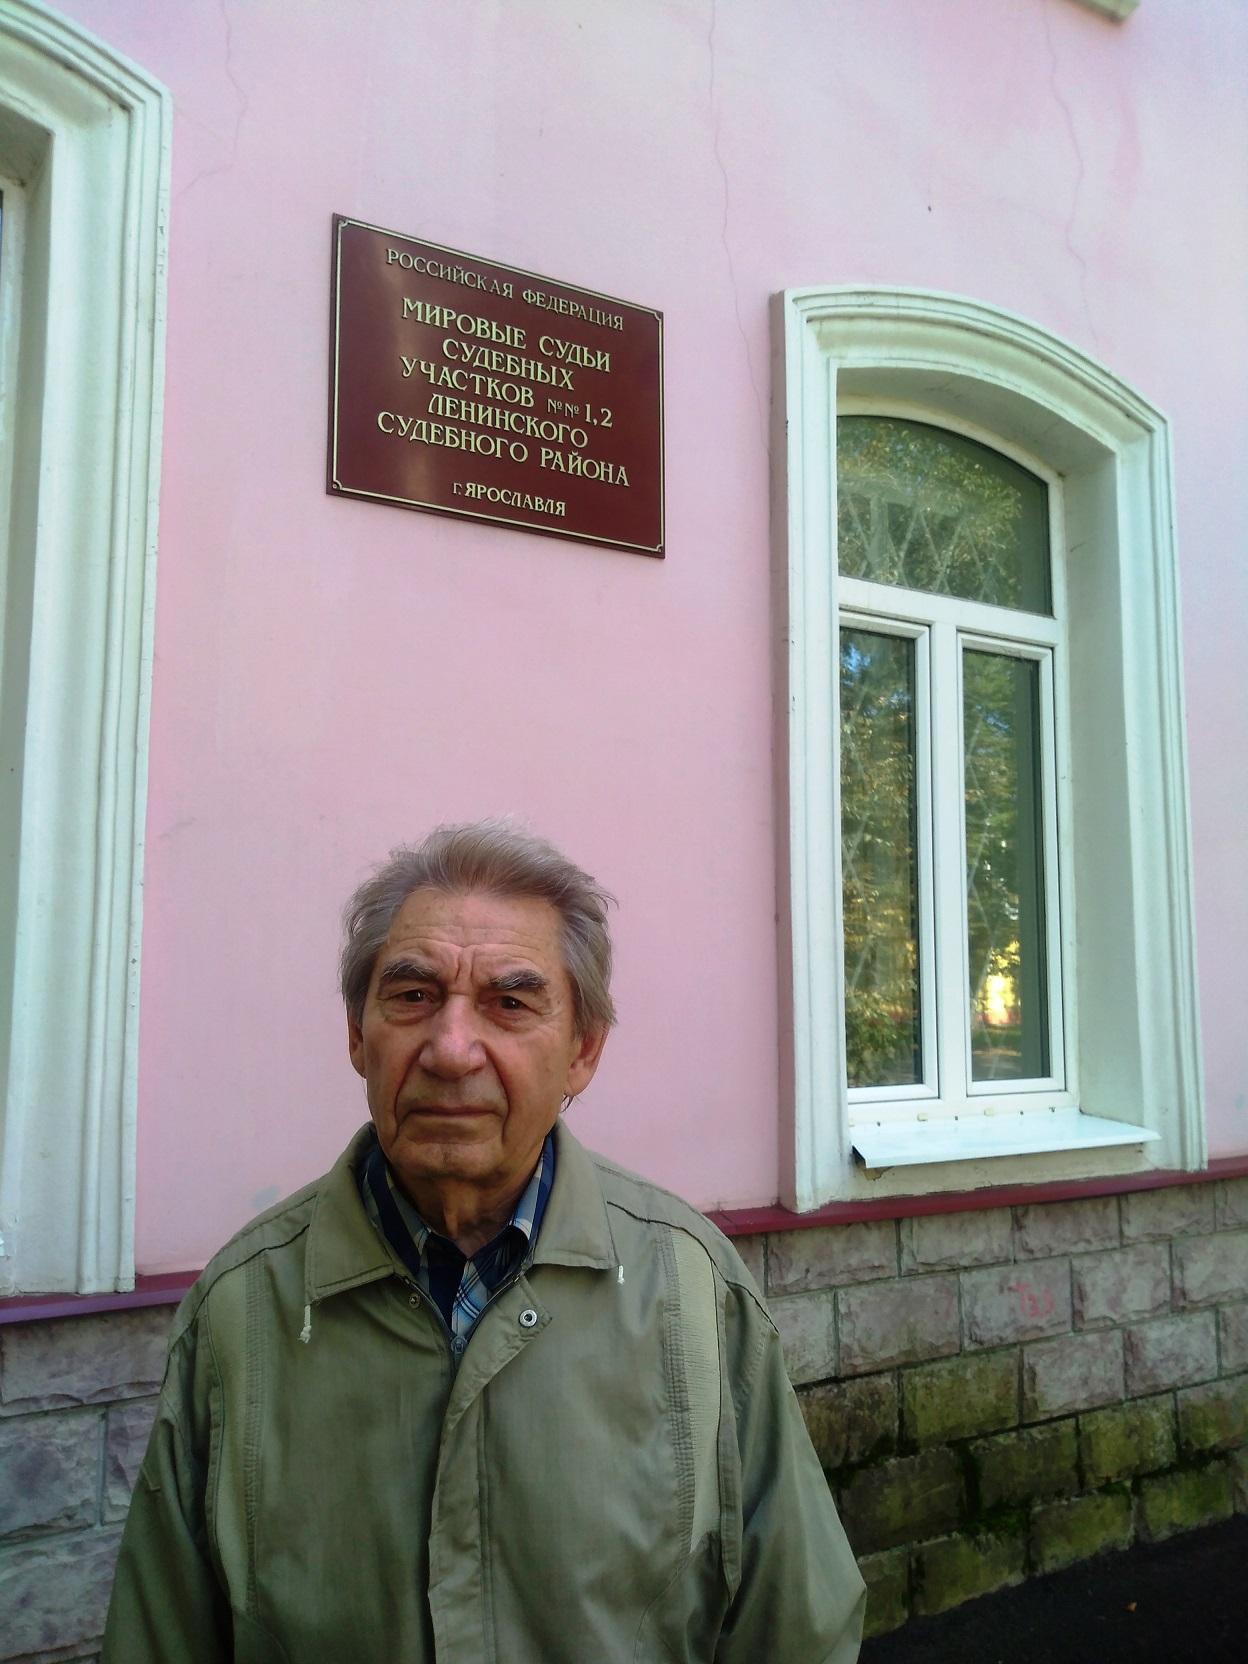 Восьмидесятилетний пенсионер судится с Комплексным центром социального обслуживания населения